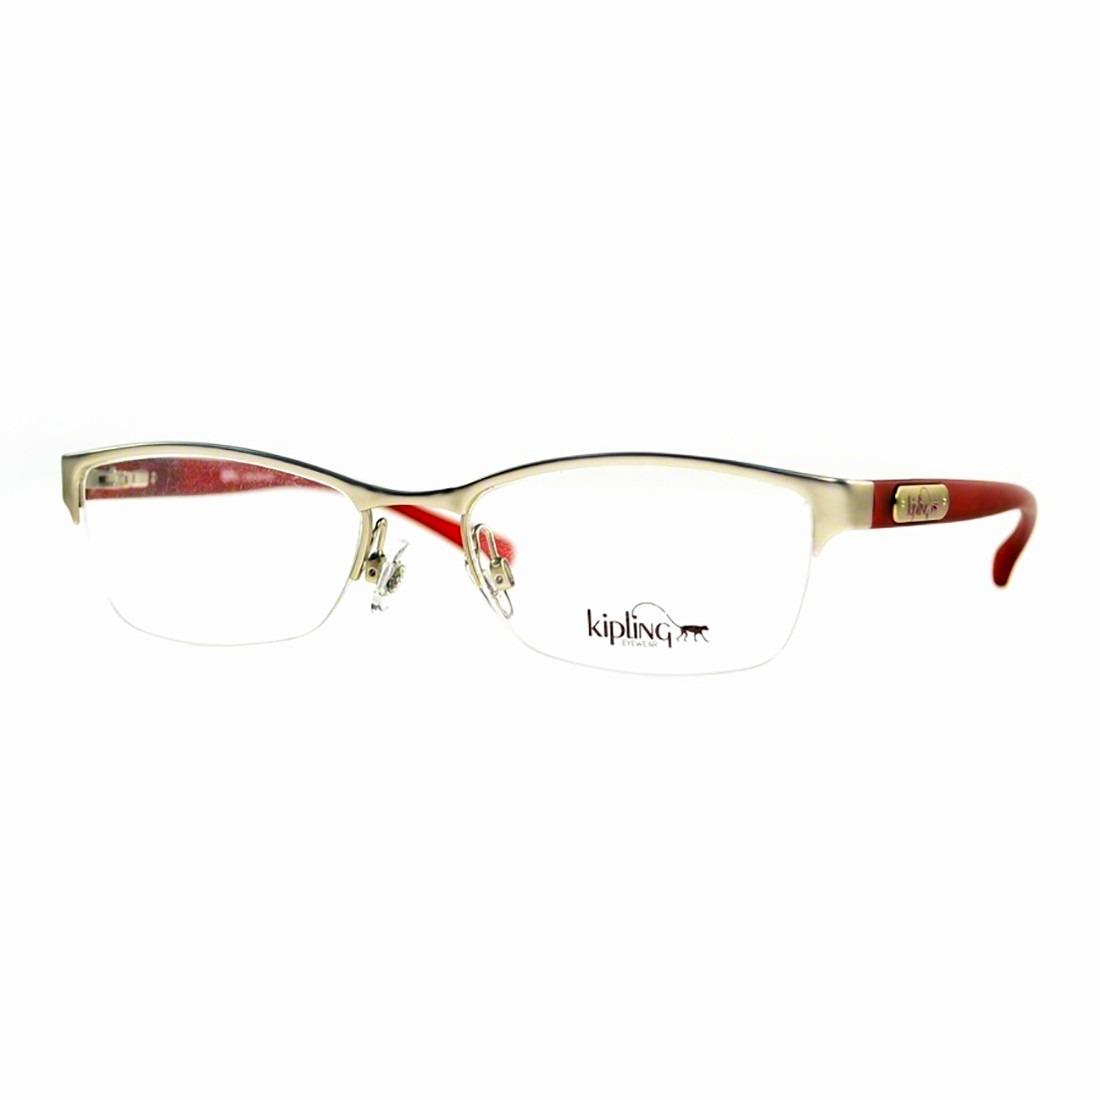 b0ac2102c Kipling Kp 1087 Óculos De Grau - R$ 226,21 em Mercado Livre